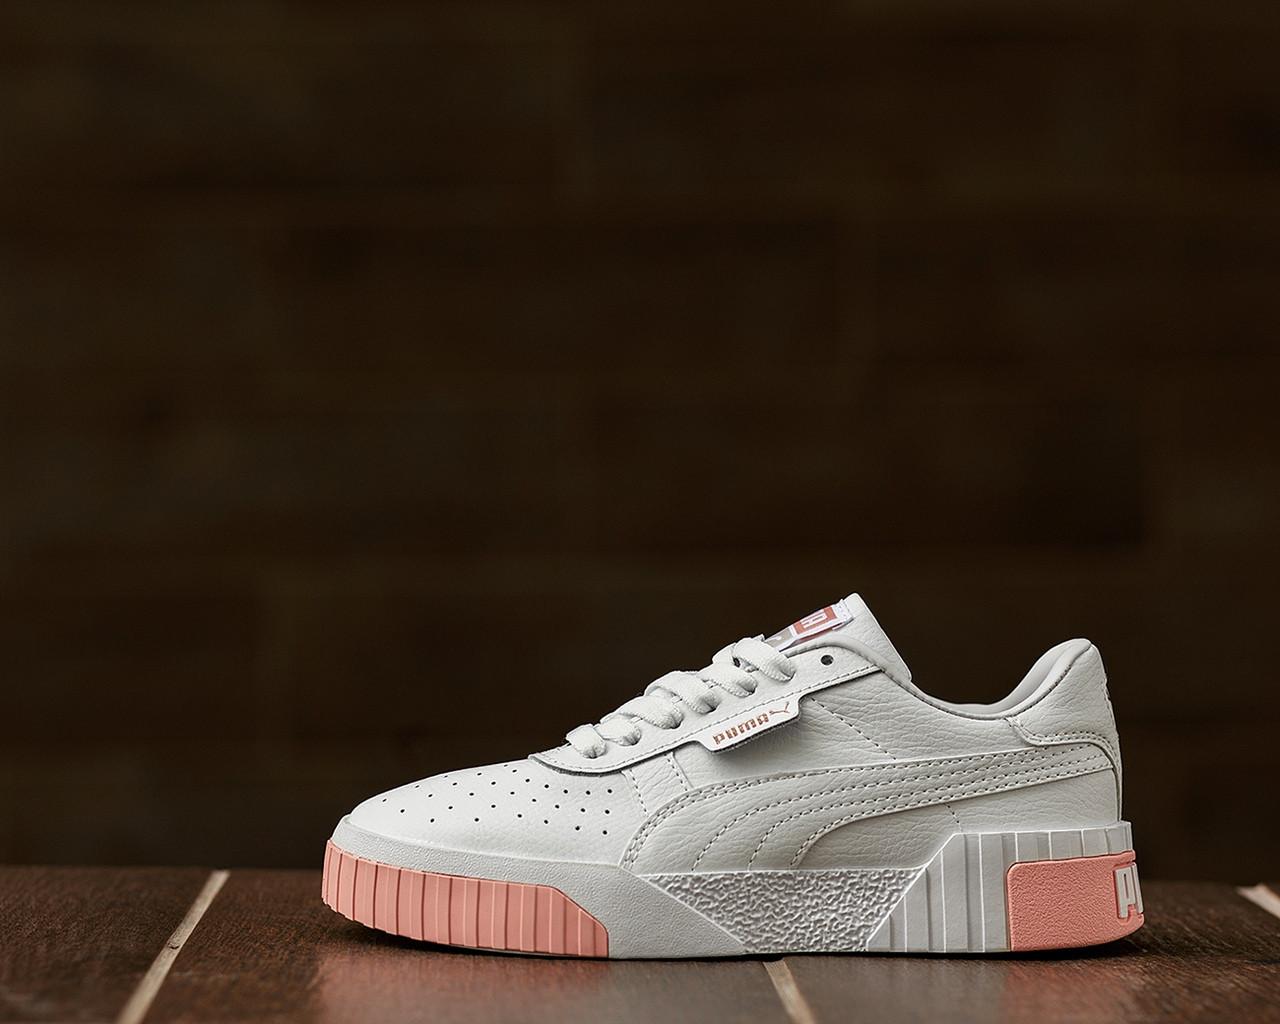 Puma Cali Женские осенние белые кожаные кроссовки. Женские кроссовки на шнурках